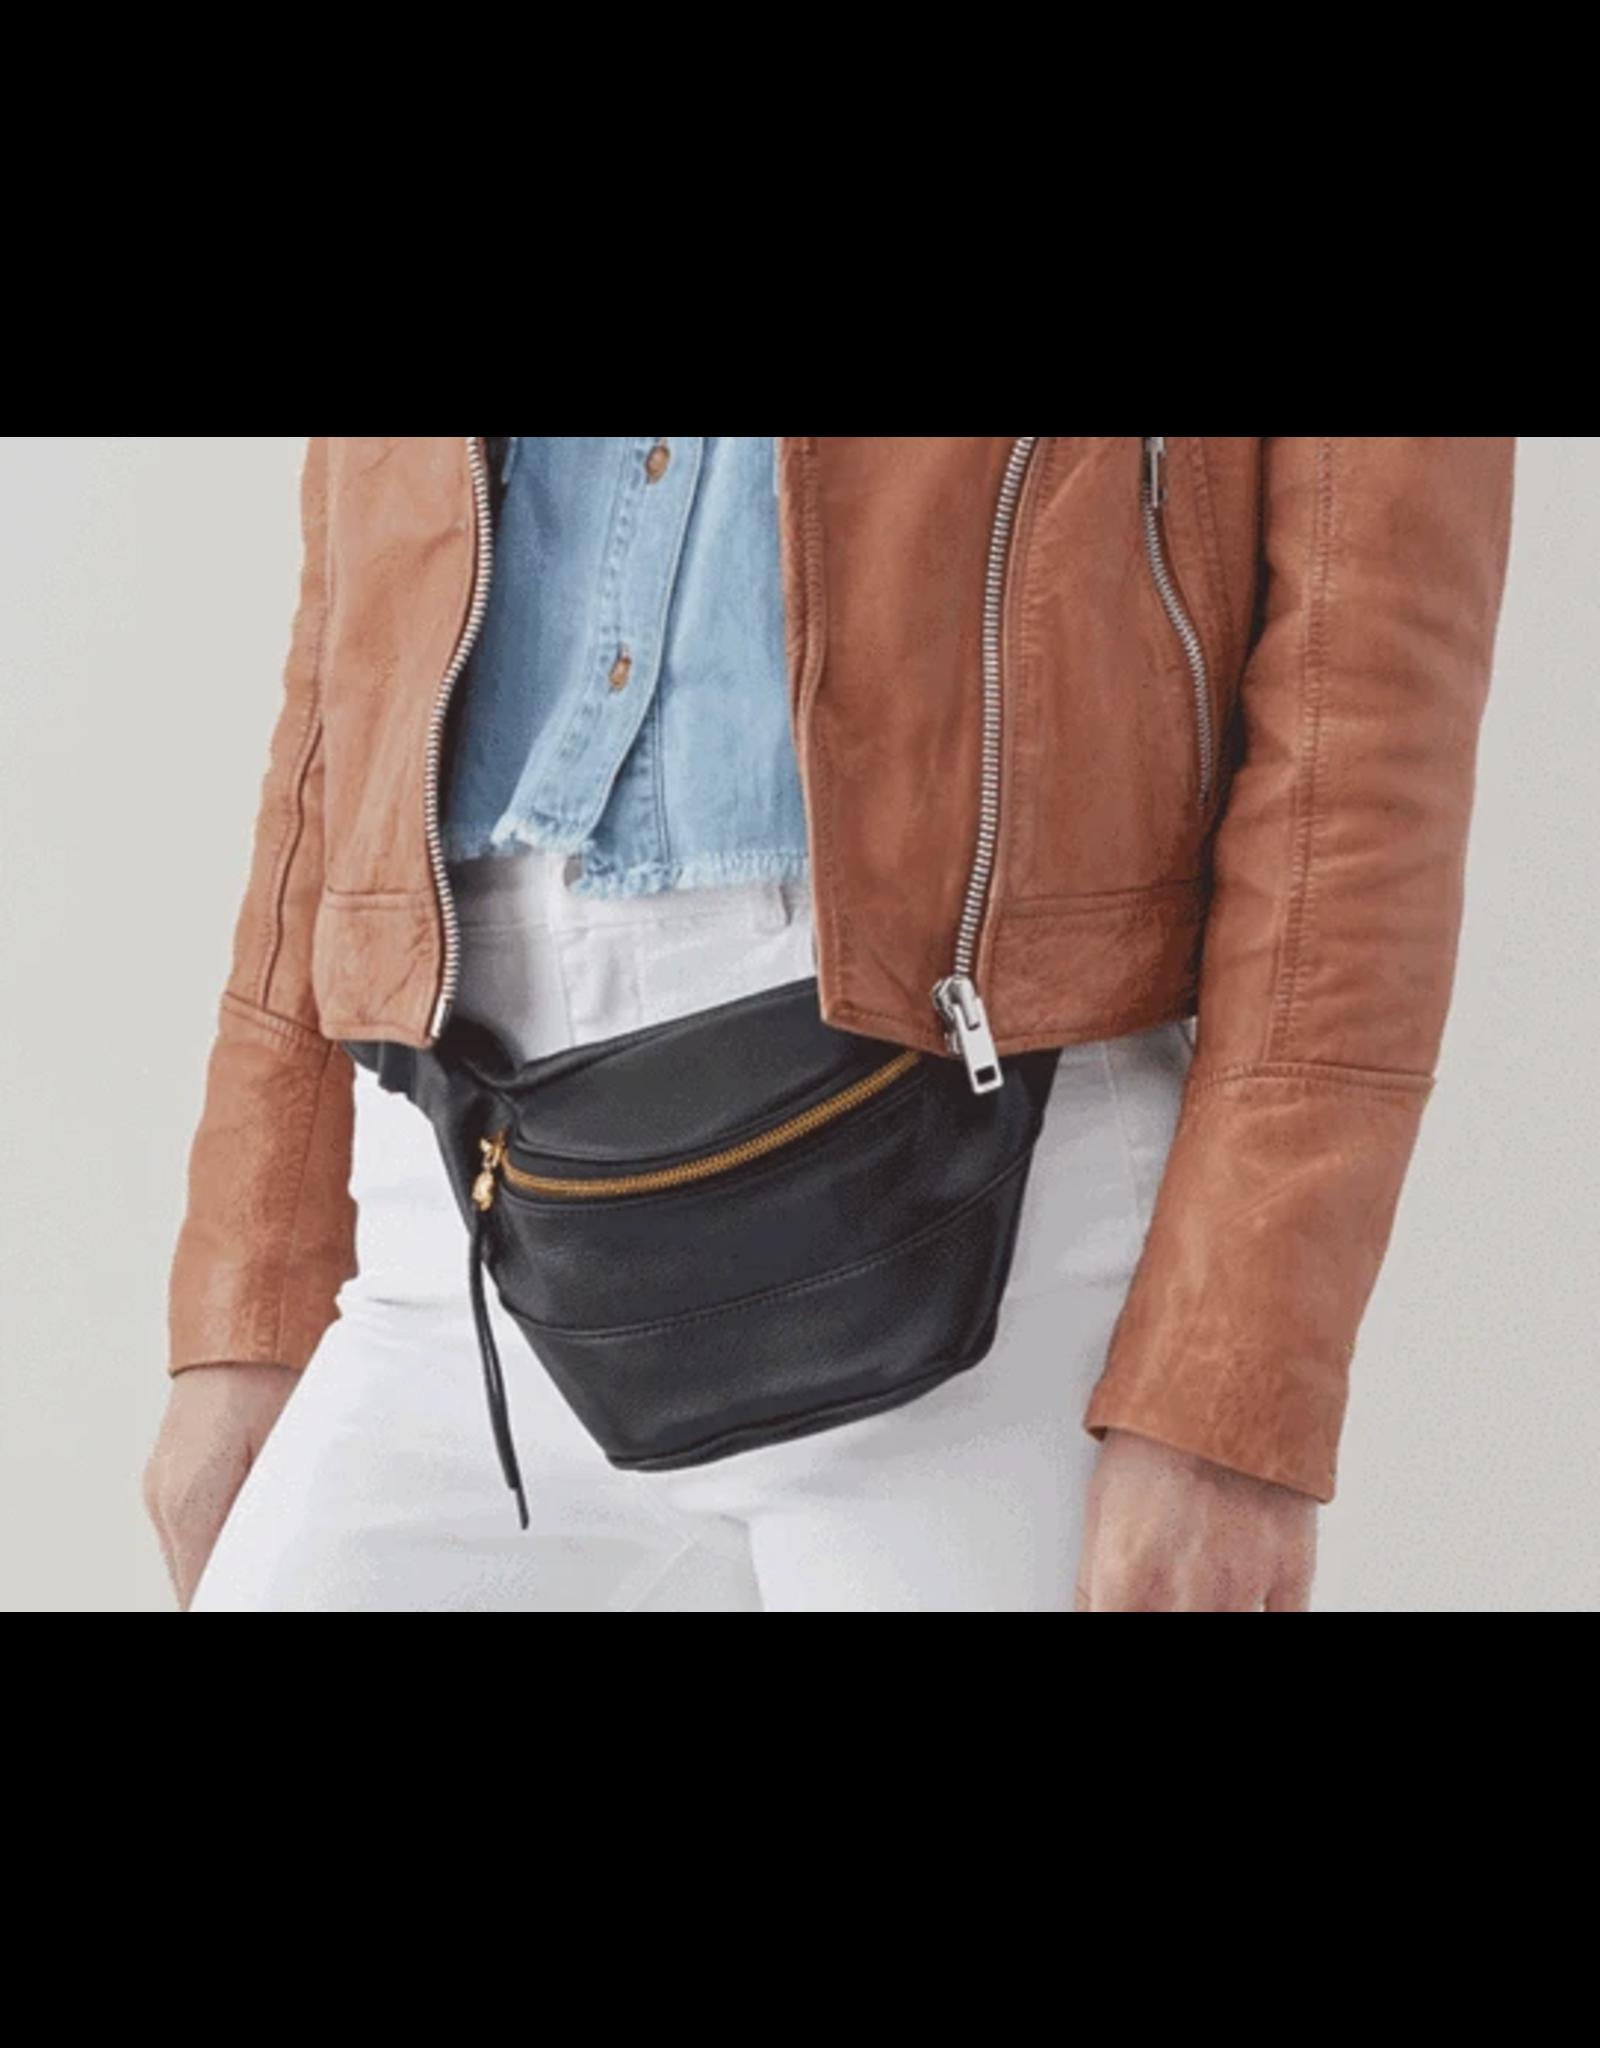 Hobo Jett Belt Bag